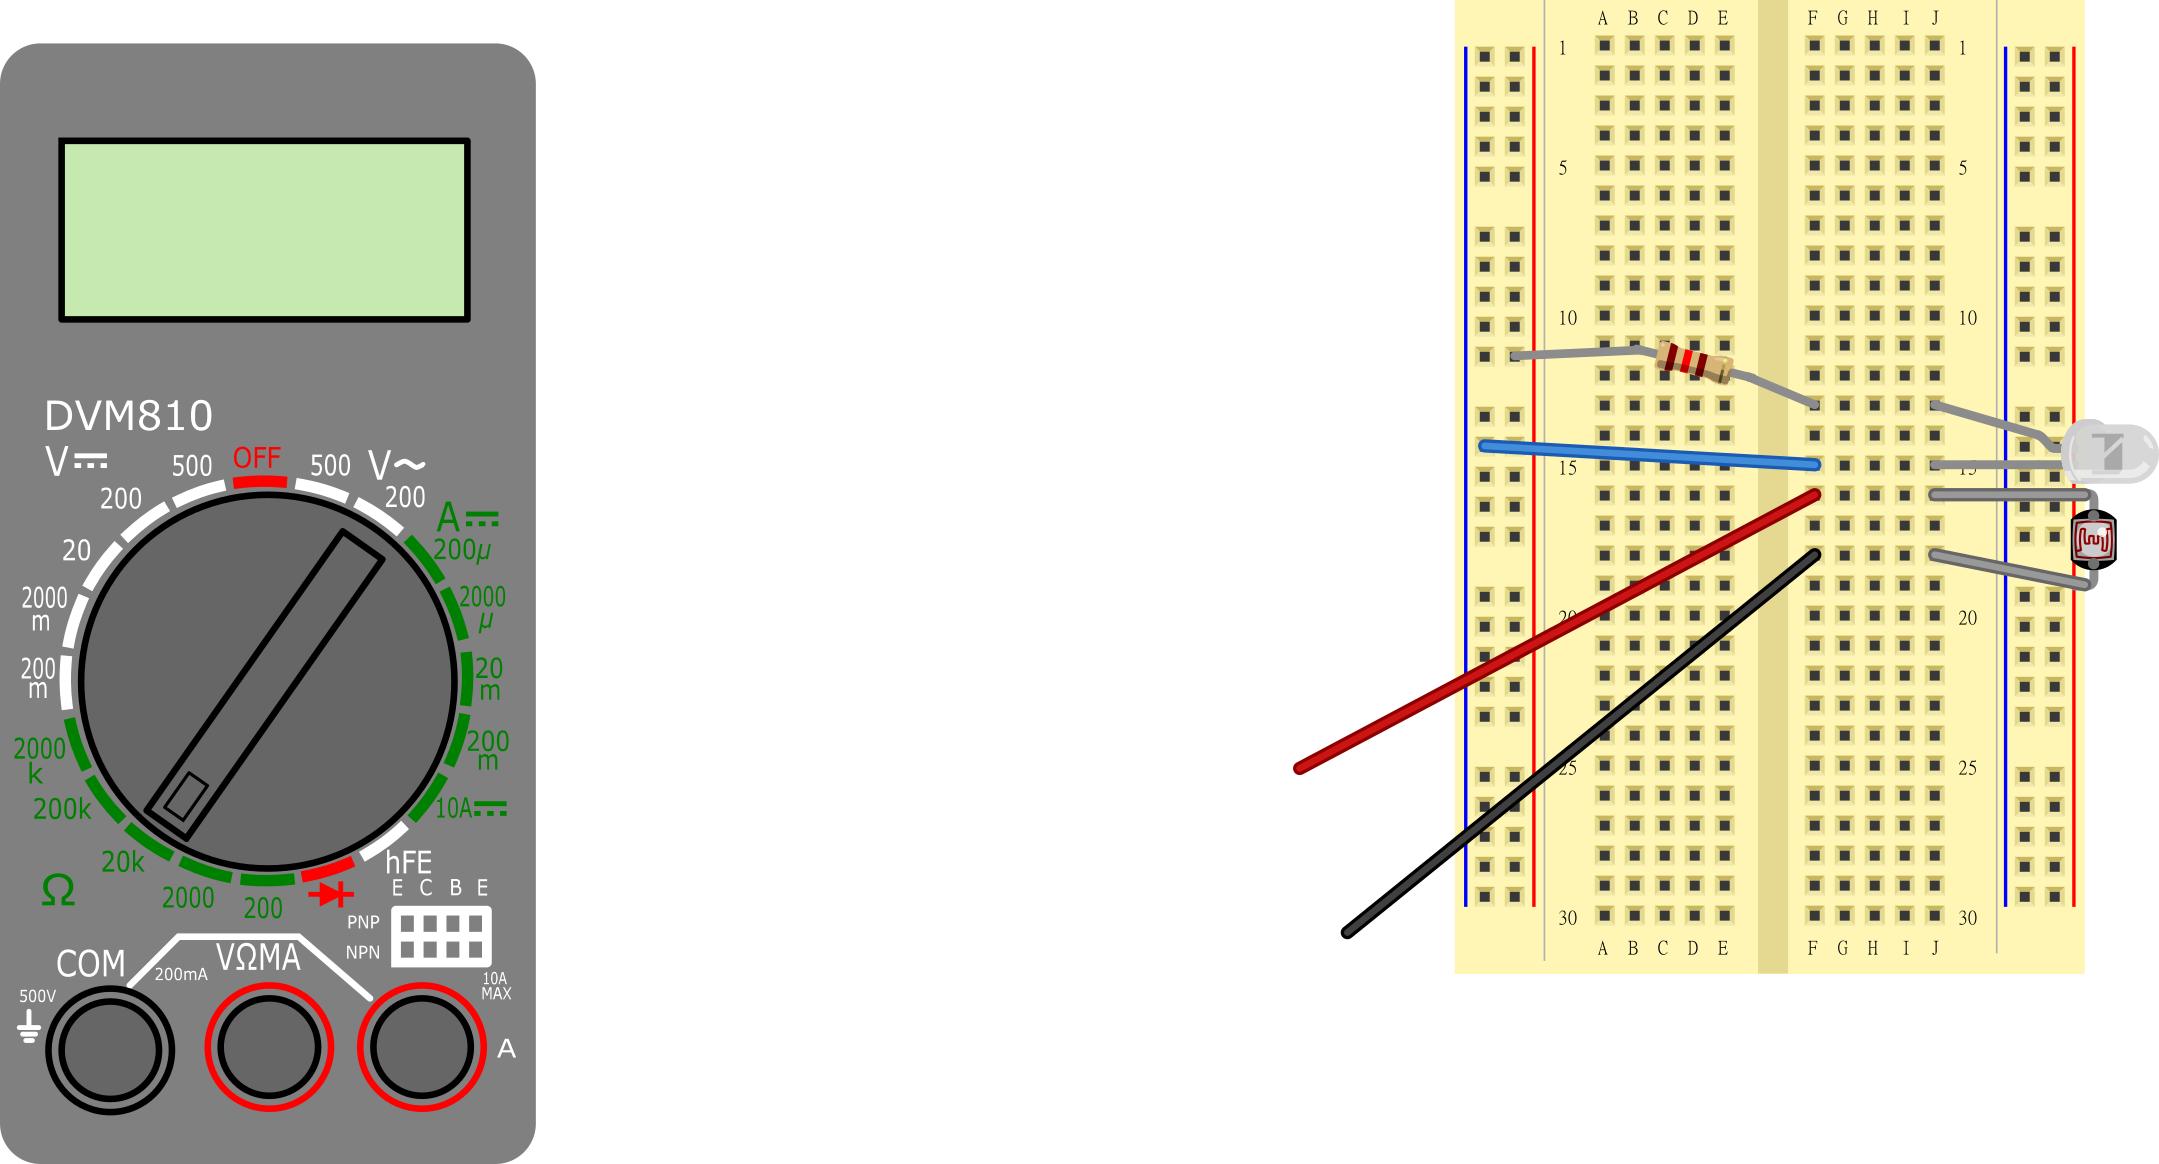 Multimeter dial